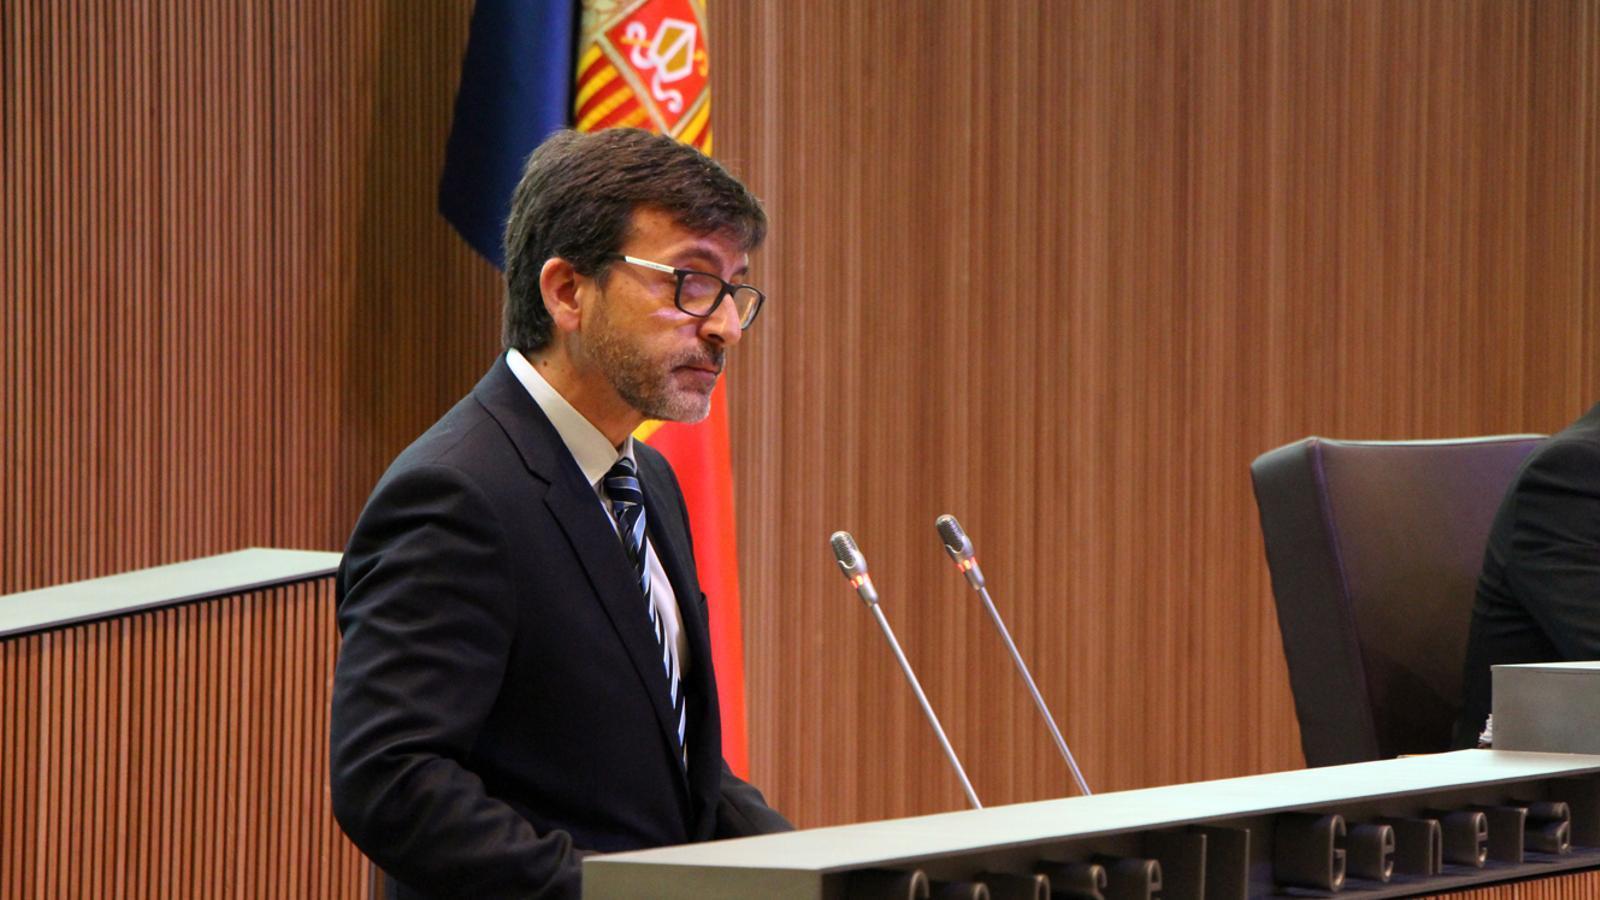 El ministre de Finances, Jordi Cinca, durant la sessió de Consell General. / M. M. (ANA)